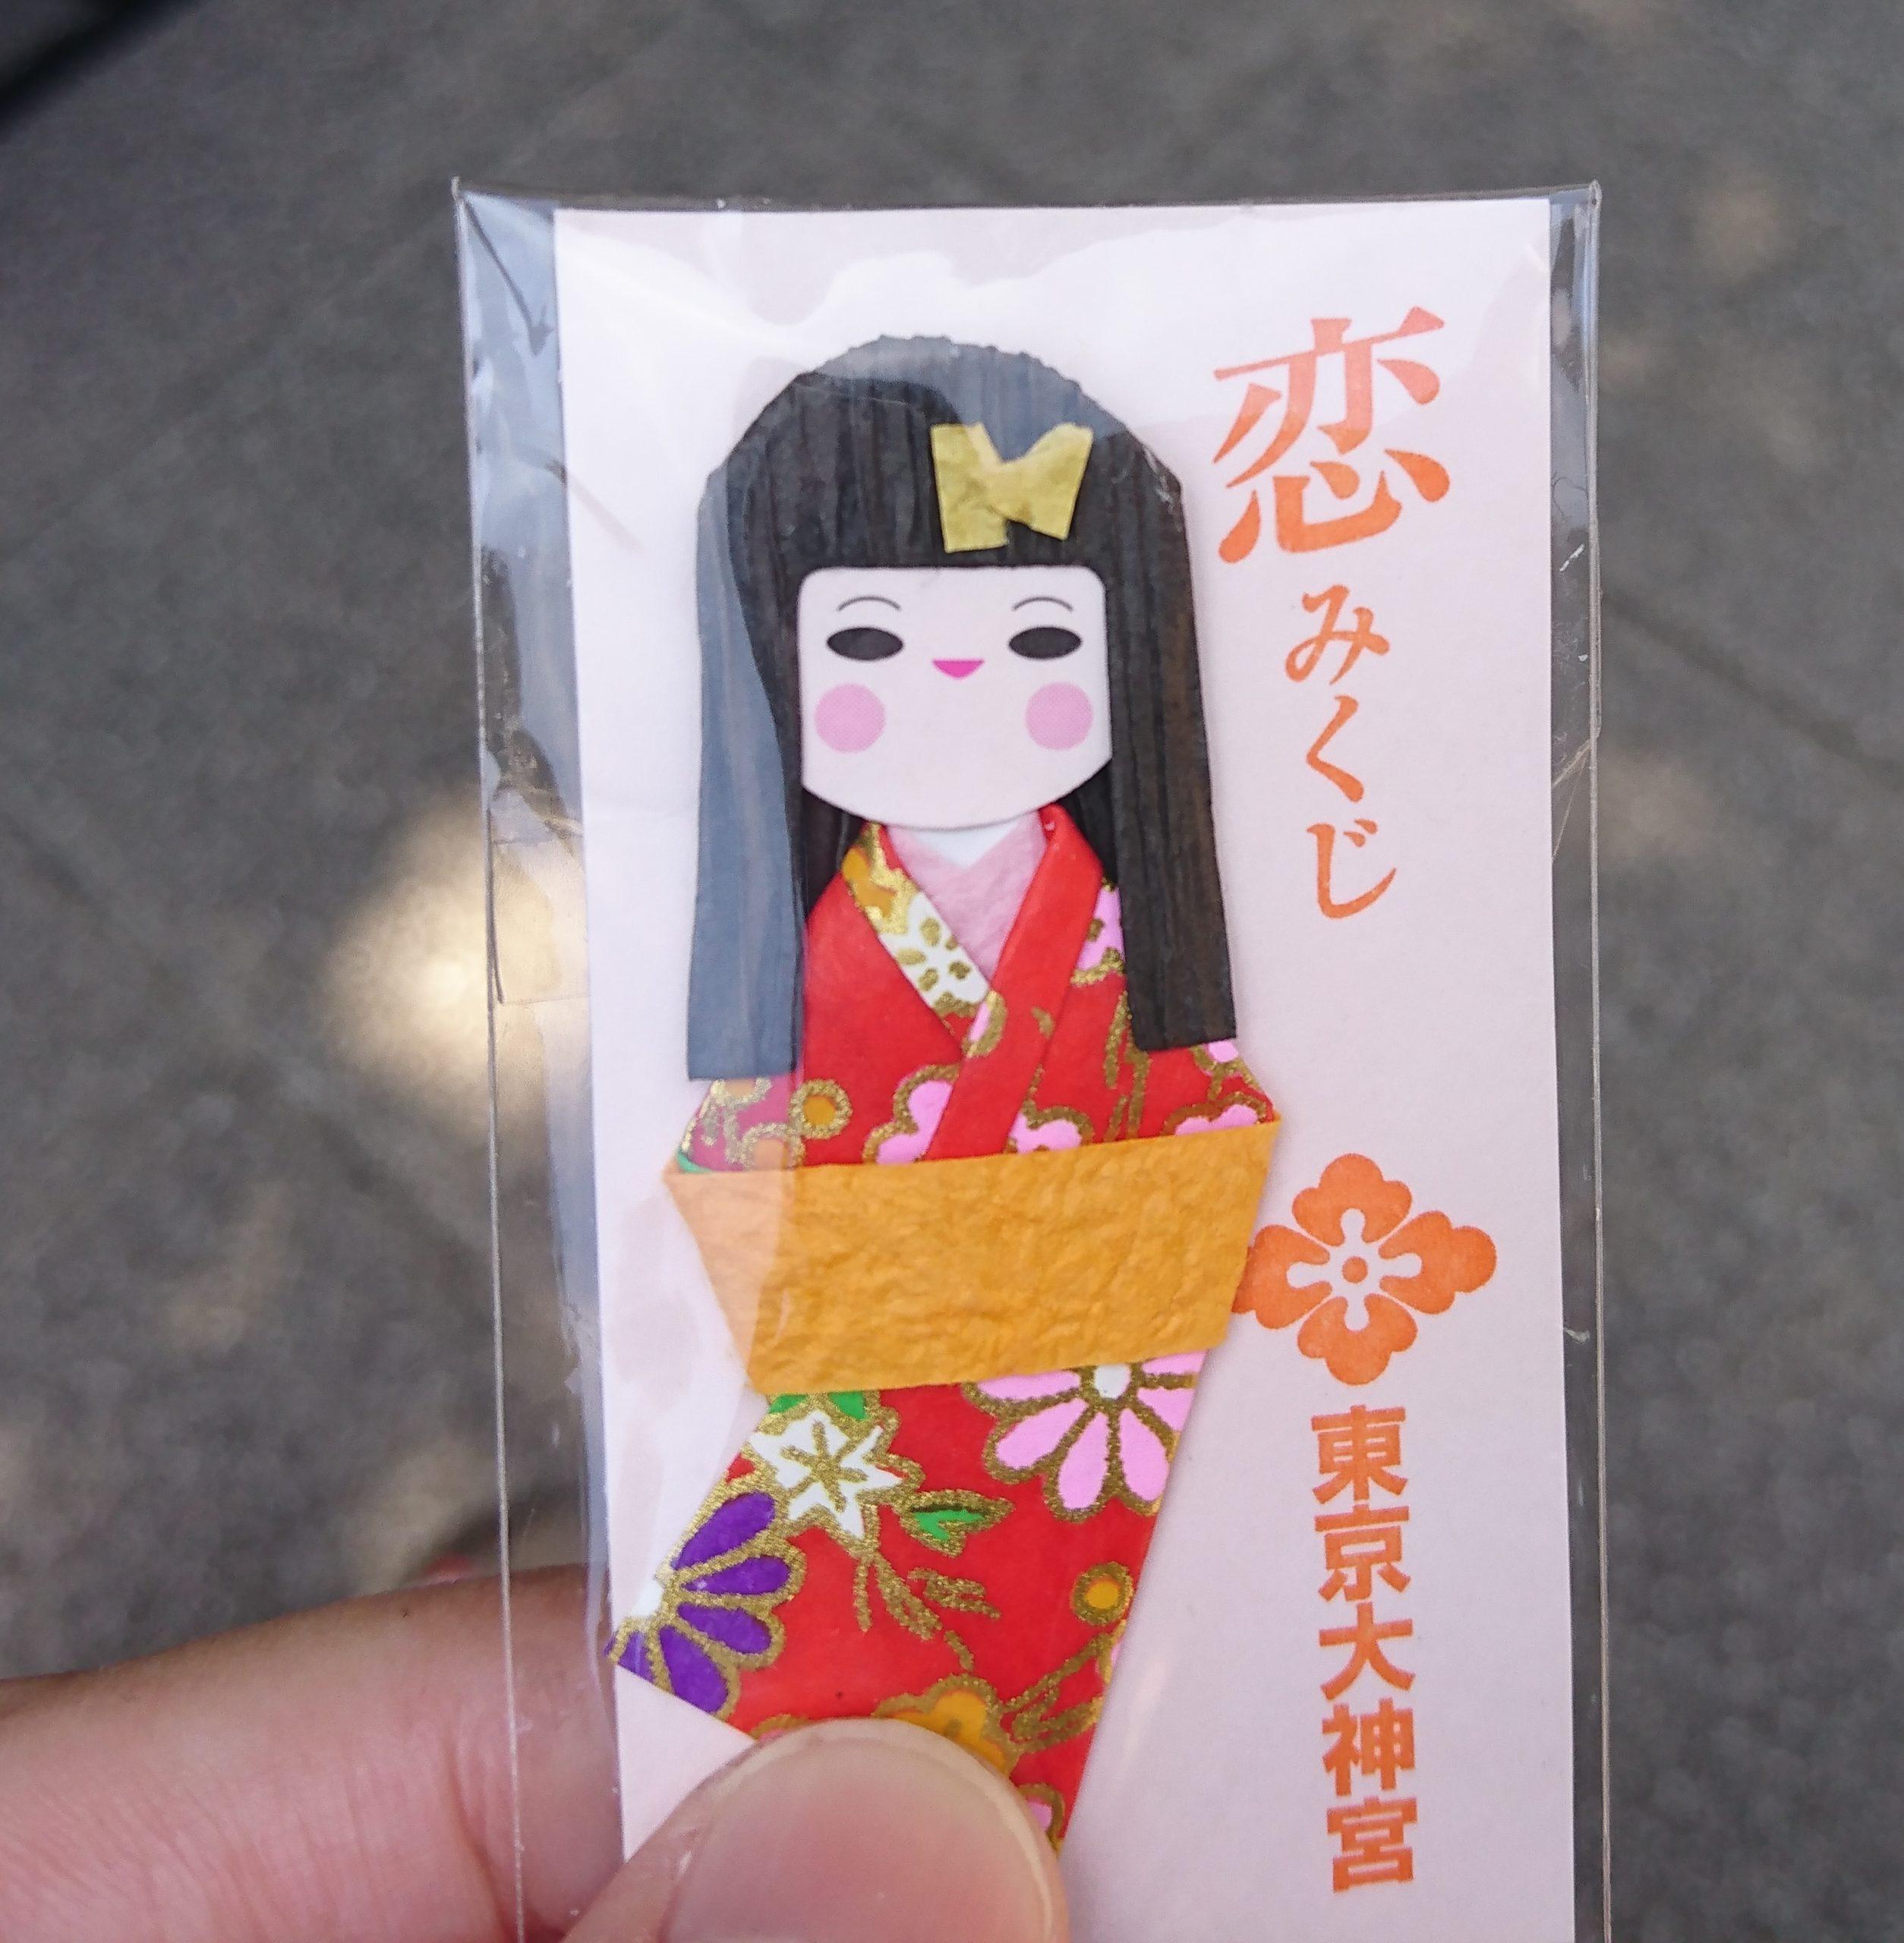 東京大神宮で復縁が叶うといわれる恋みくじ